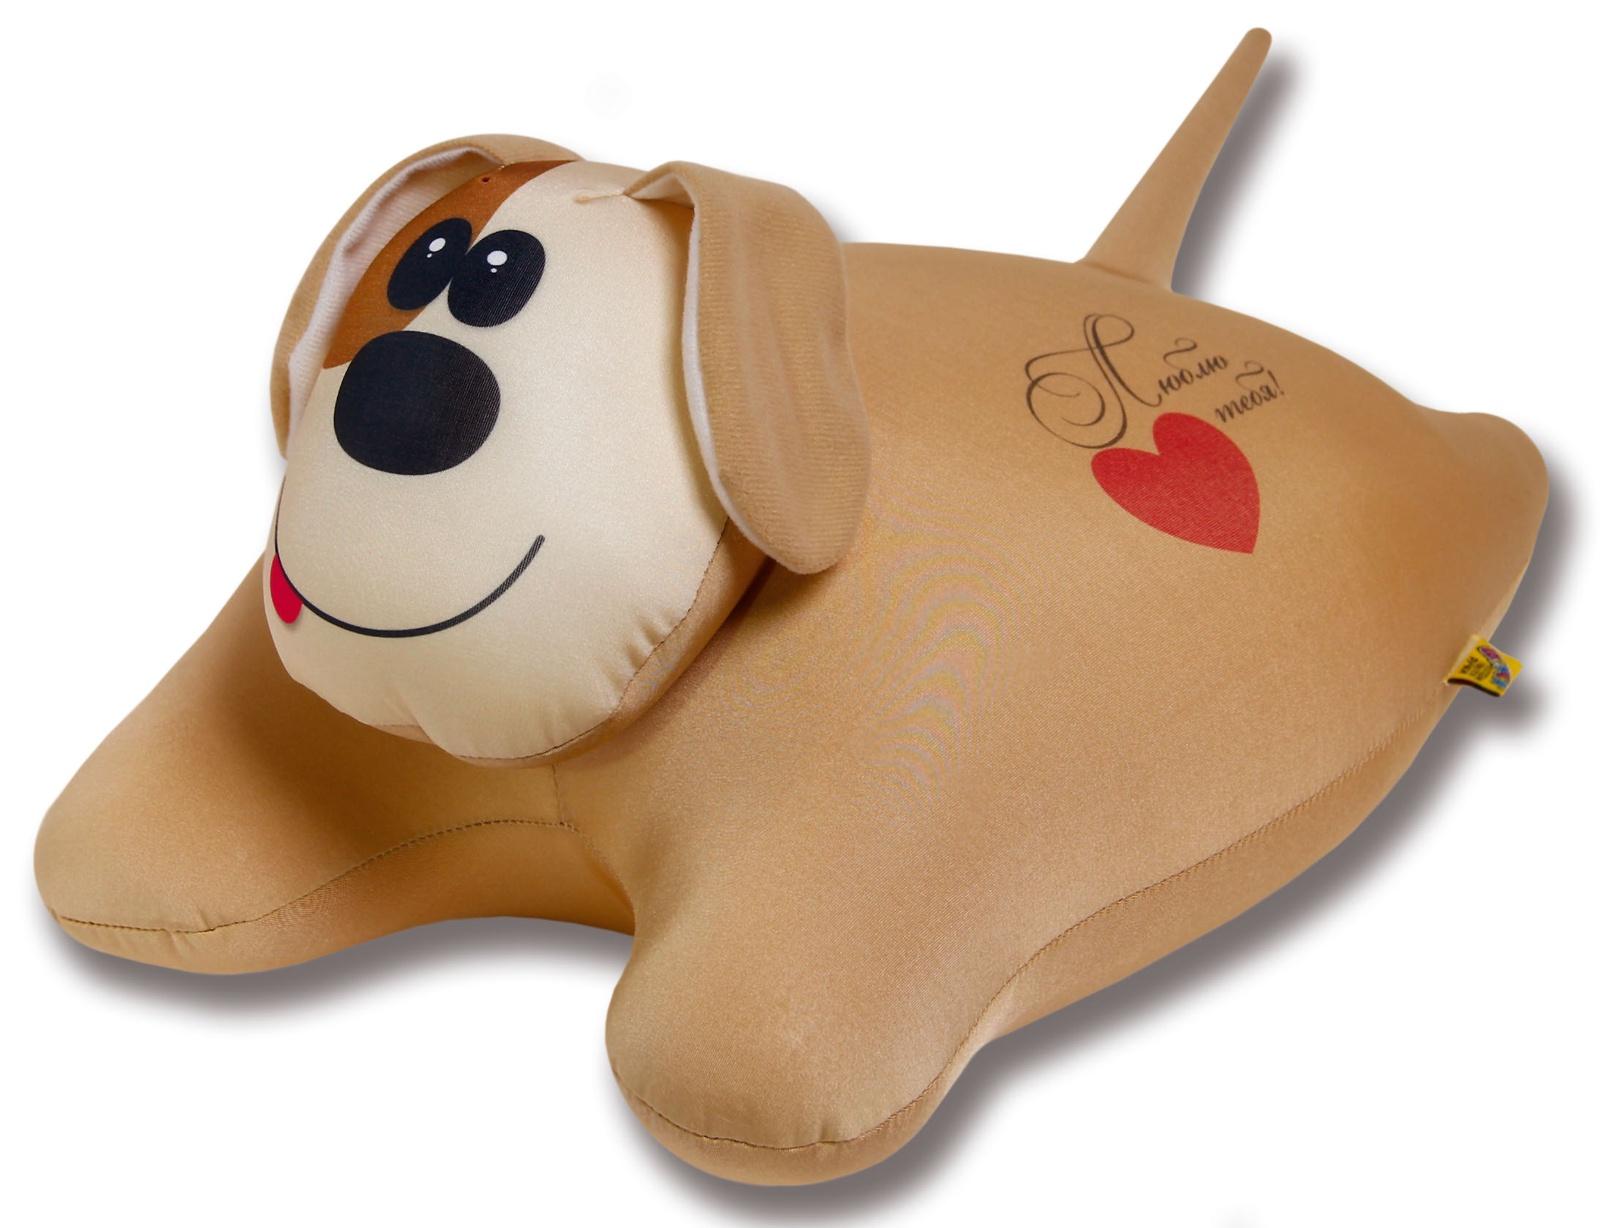 Подушка-игрушка Штучки, к которым тянутся ручки антистрессовая Собачка сердечная, бежевый